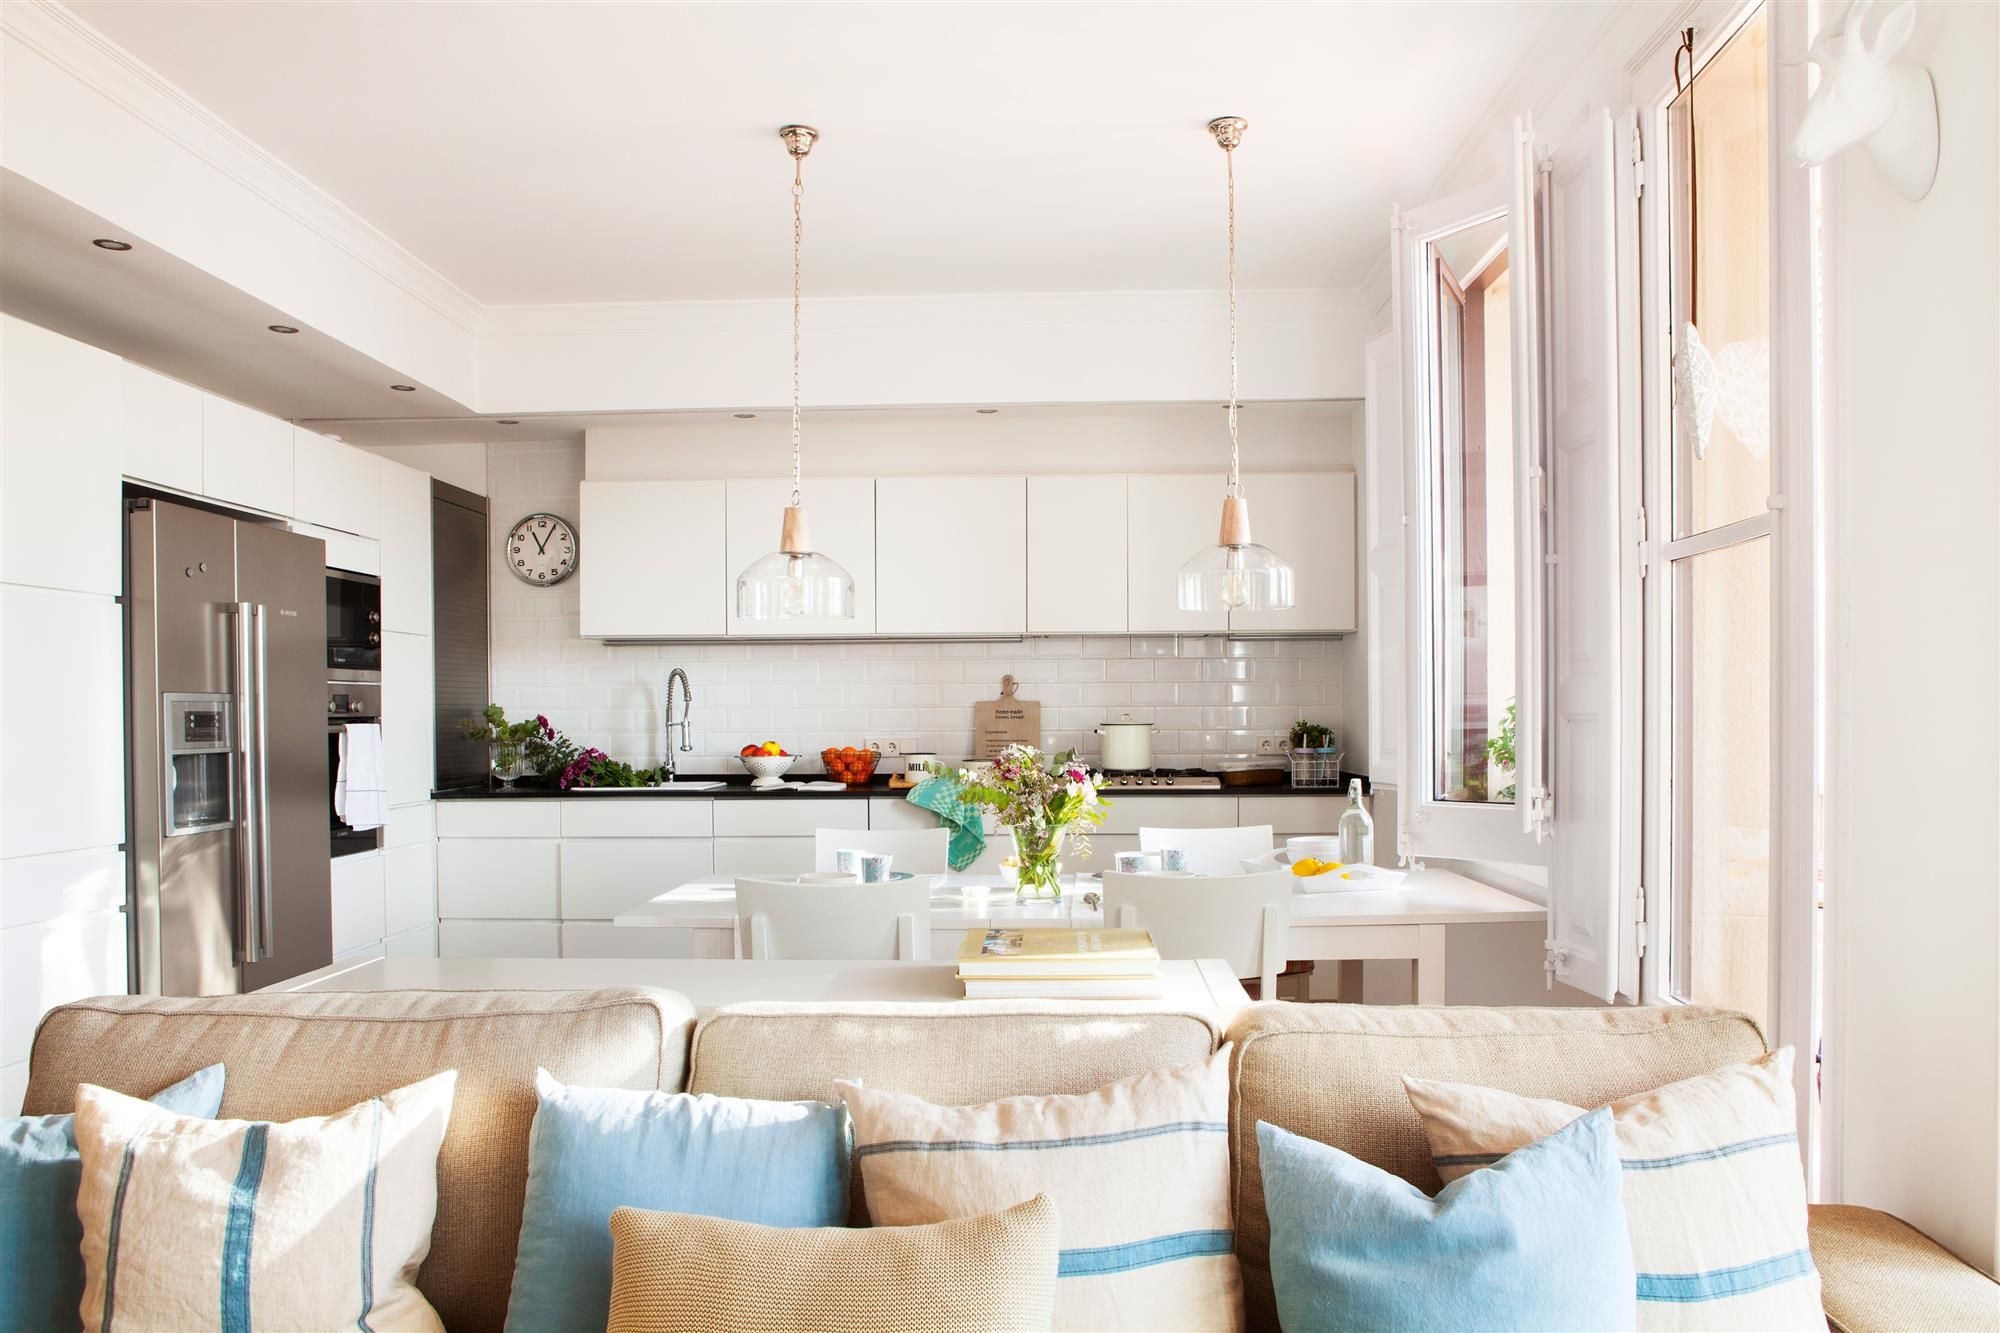 cocina blanca abierta al salon comedor_00429025 | Cocinas abiertas ...